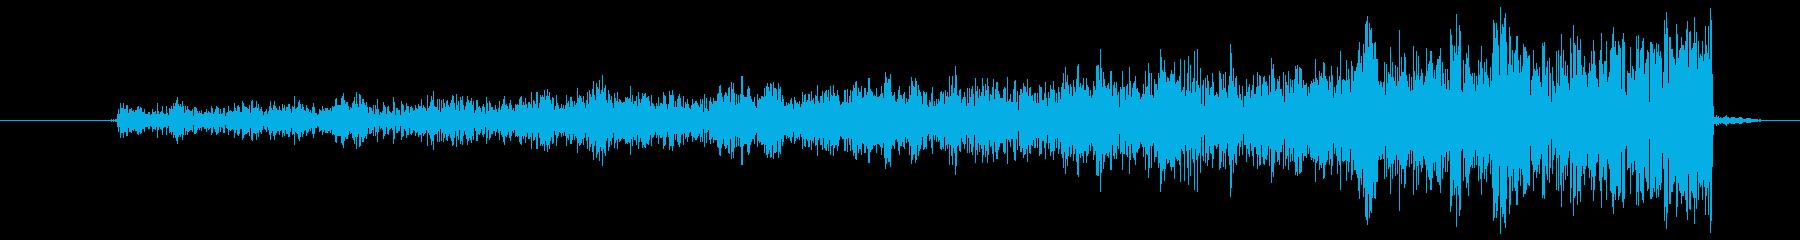 しゅーの再生済みの波形